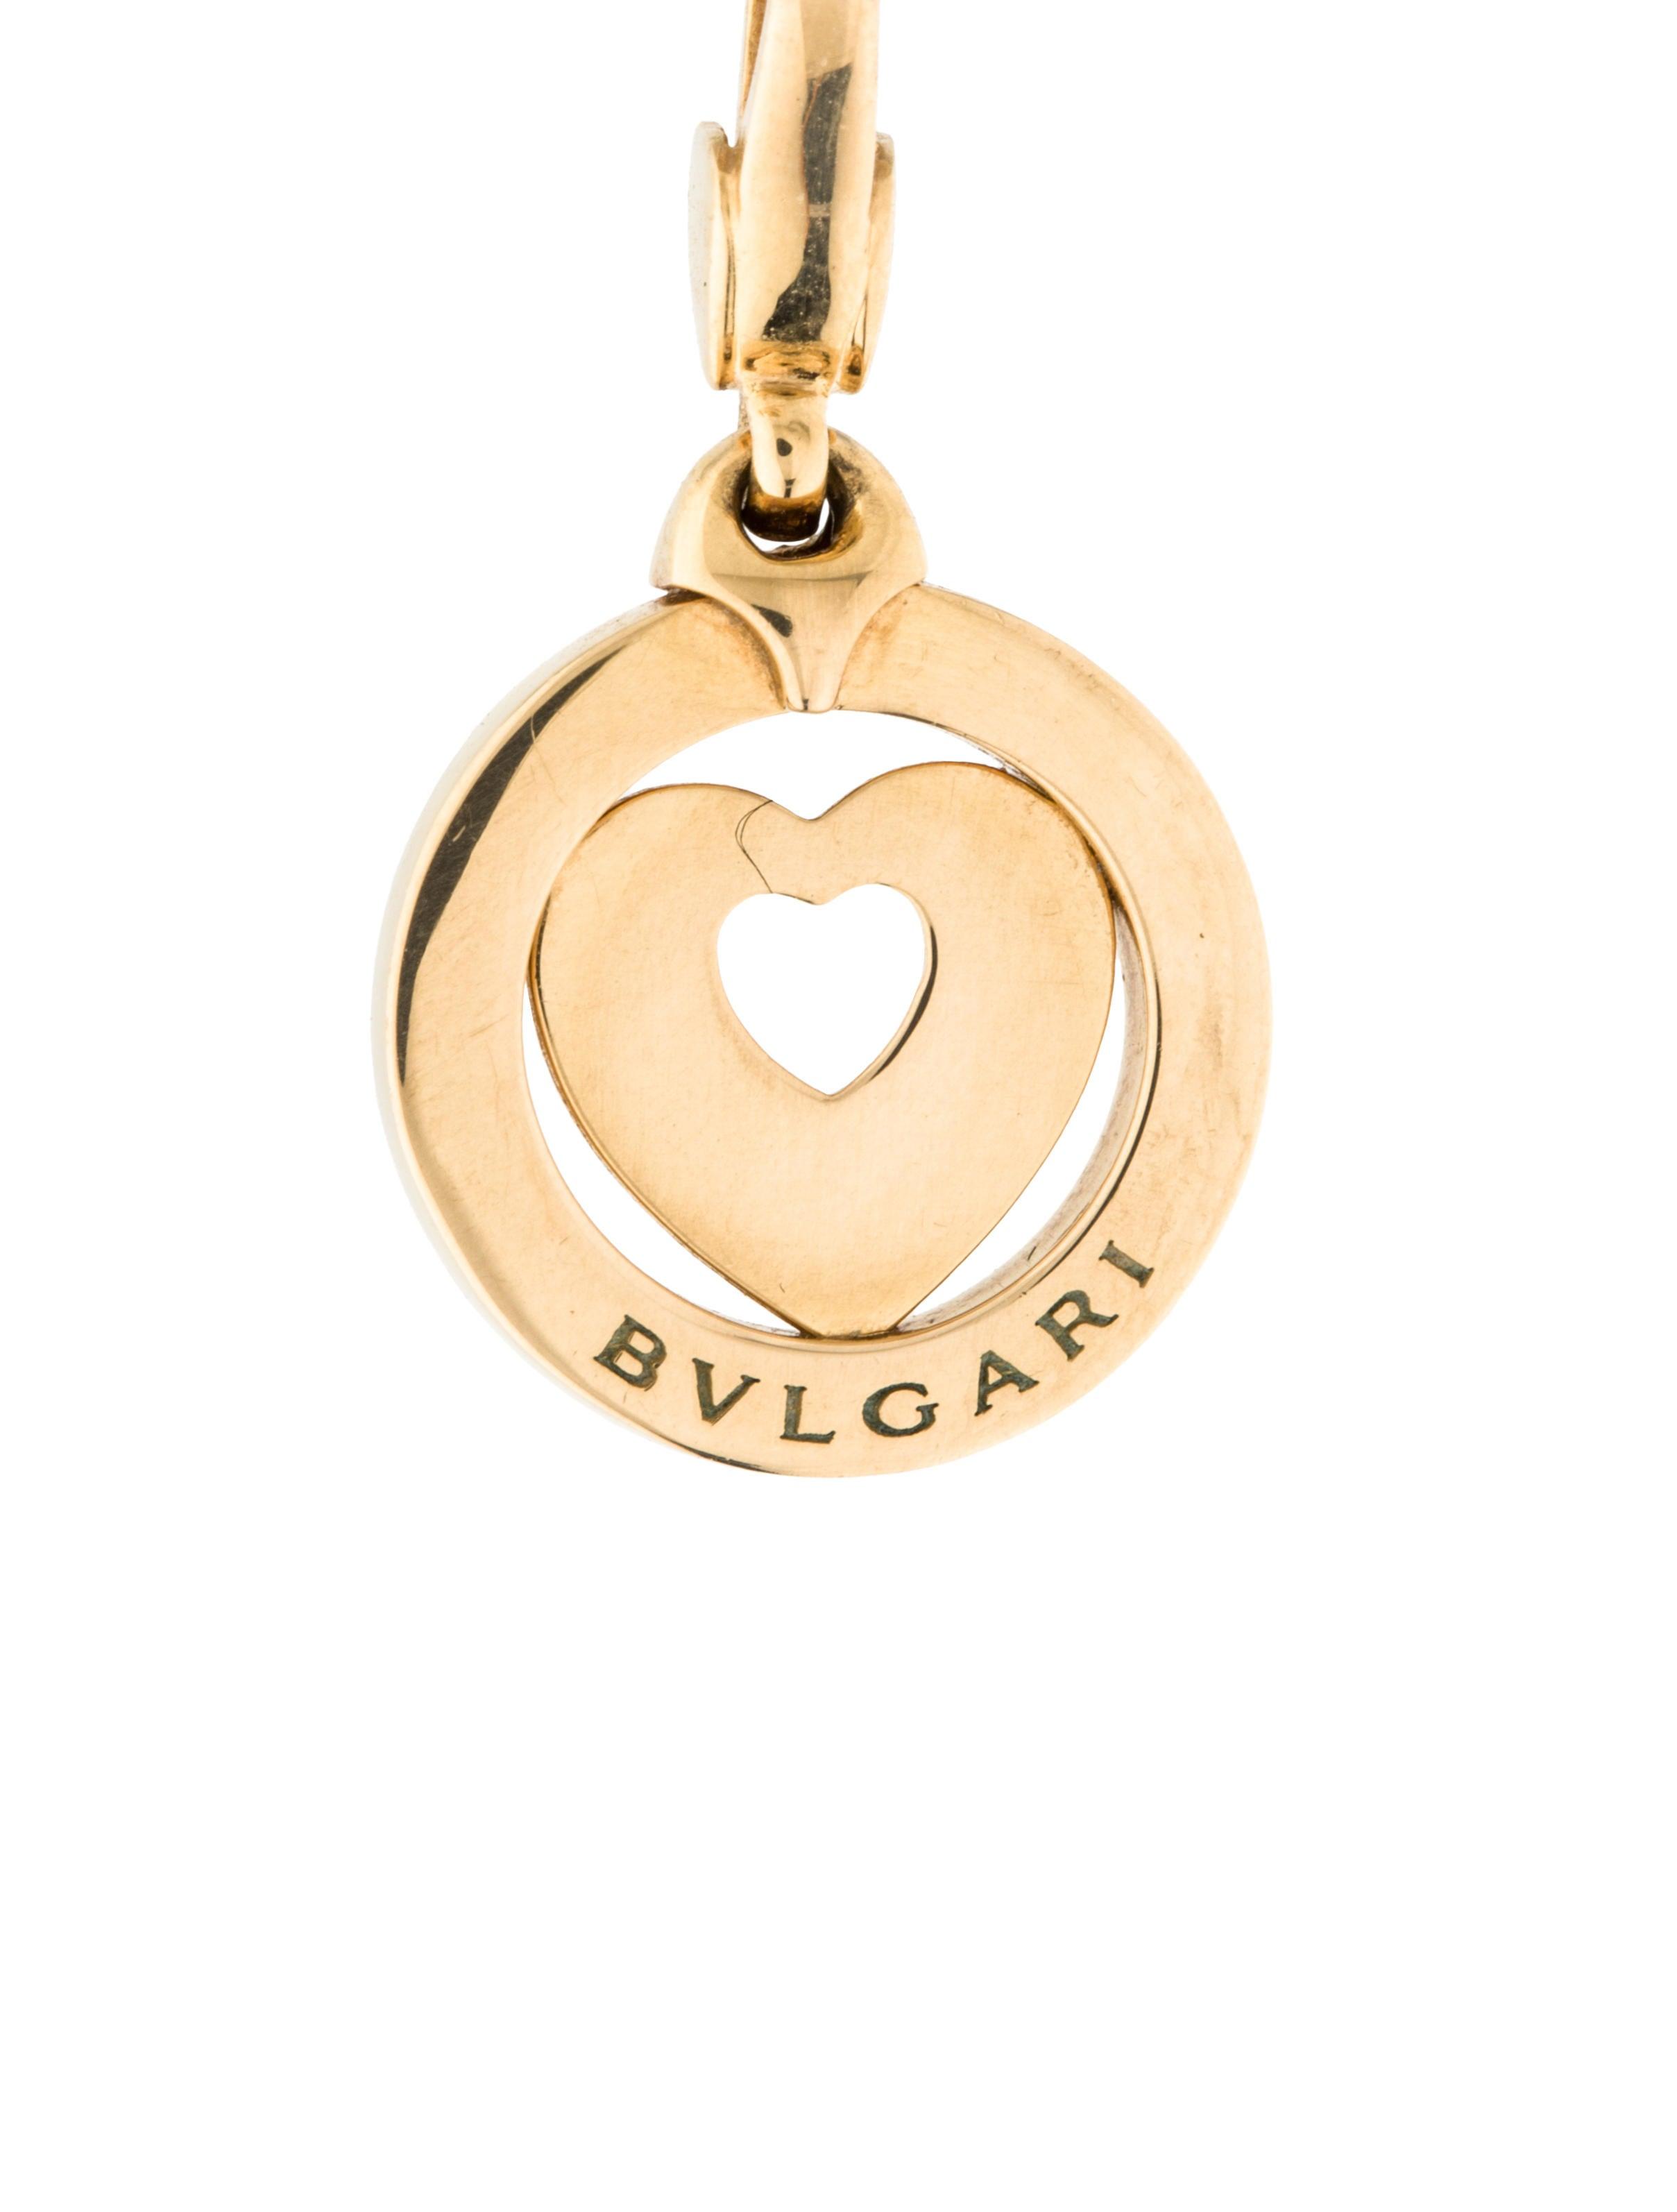 bvlgari tondo charm charms bul24835 the realreal